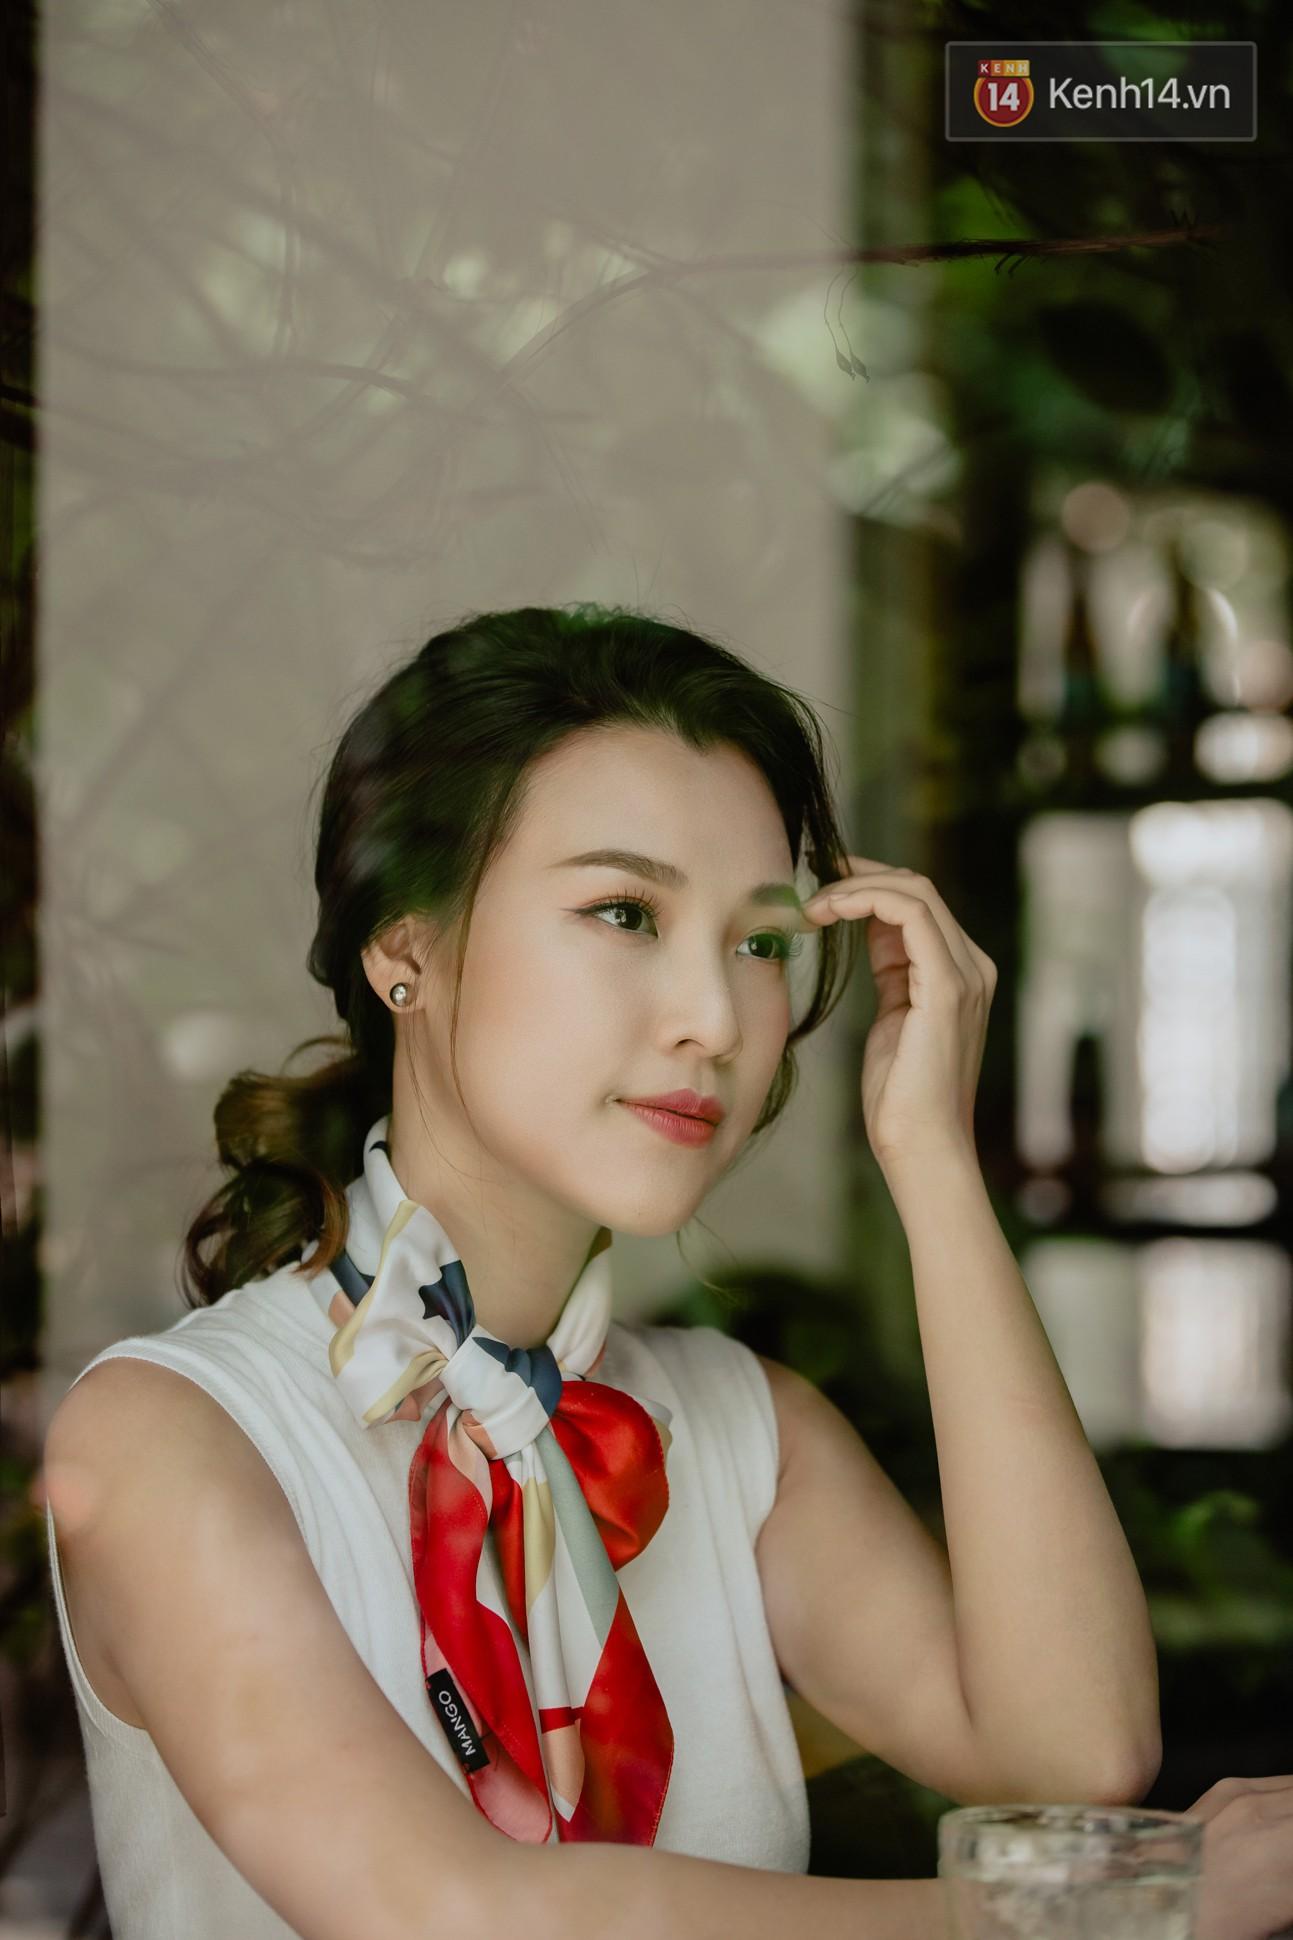 Hoàng Oanh: Năm 18 tuổi từng bỏ vai có cảnh nóng của anh Victor Vũ để giữ lấy tình yêu - Ảnh 7.